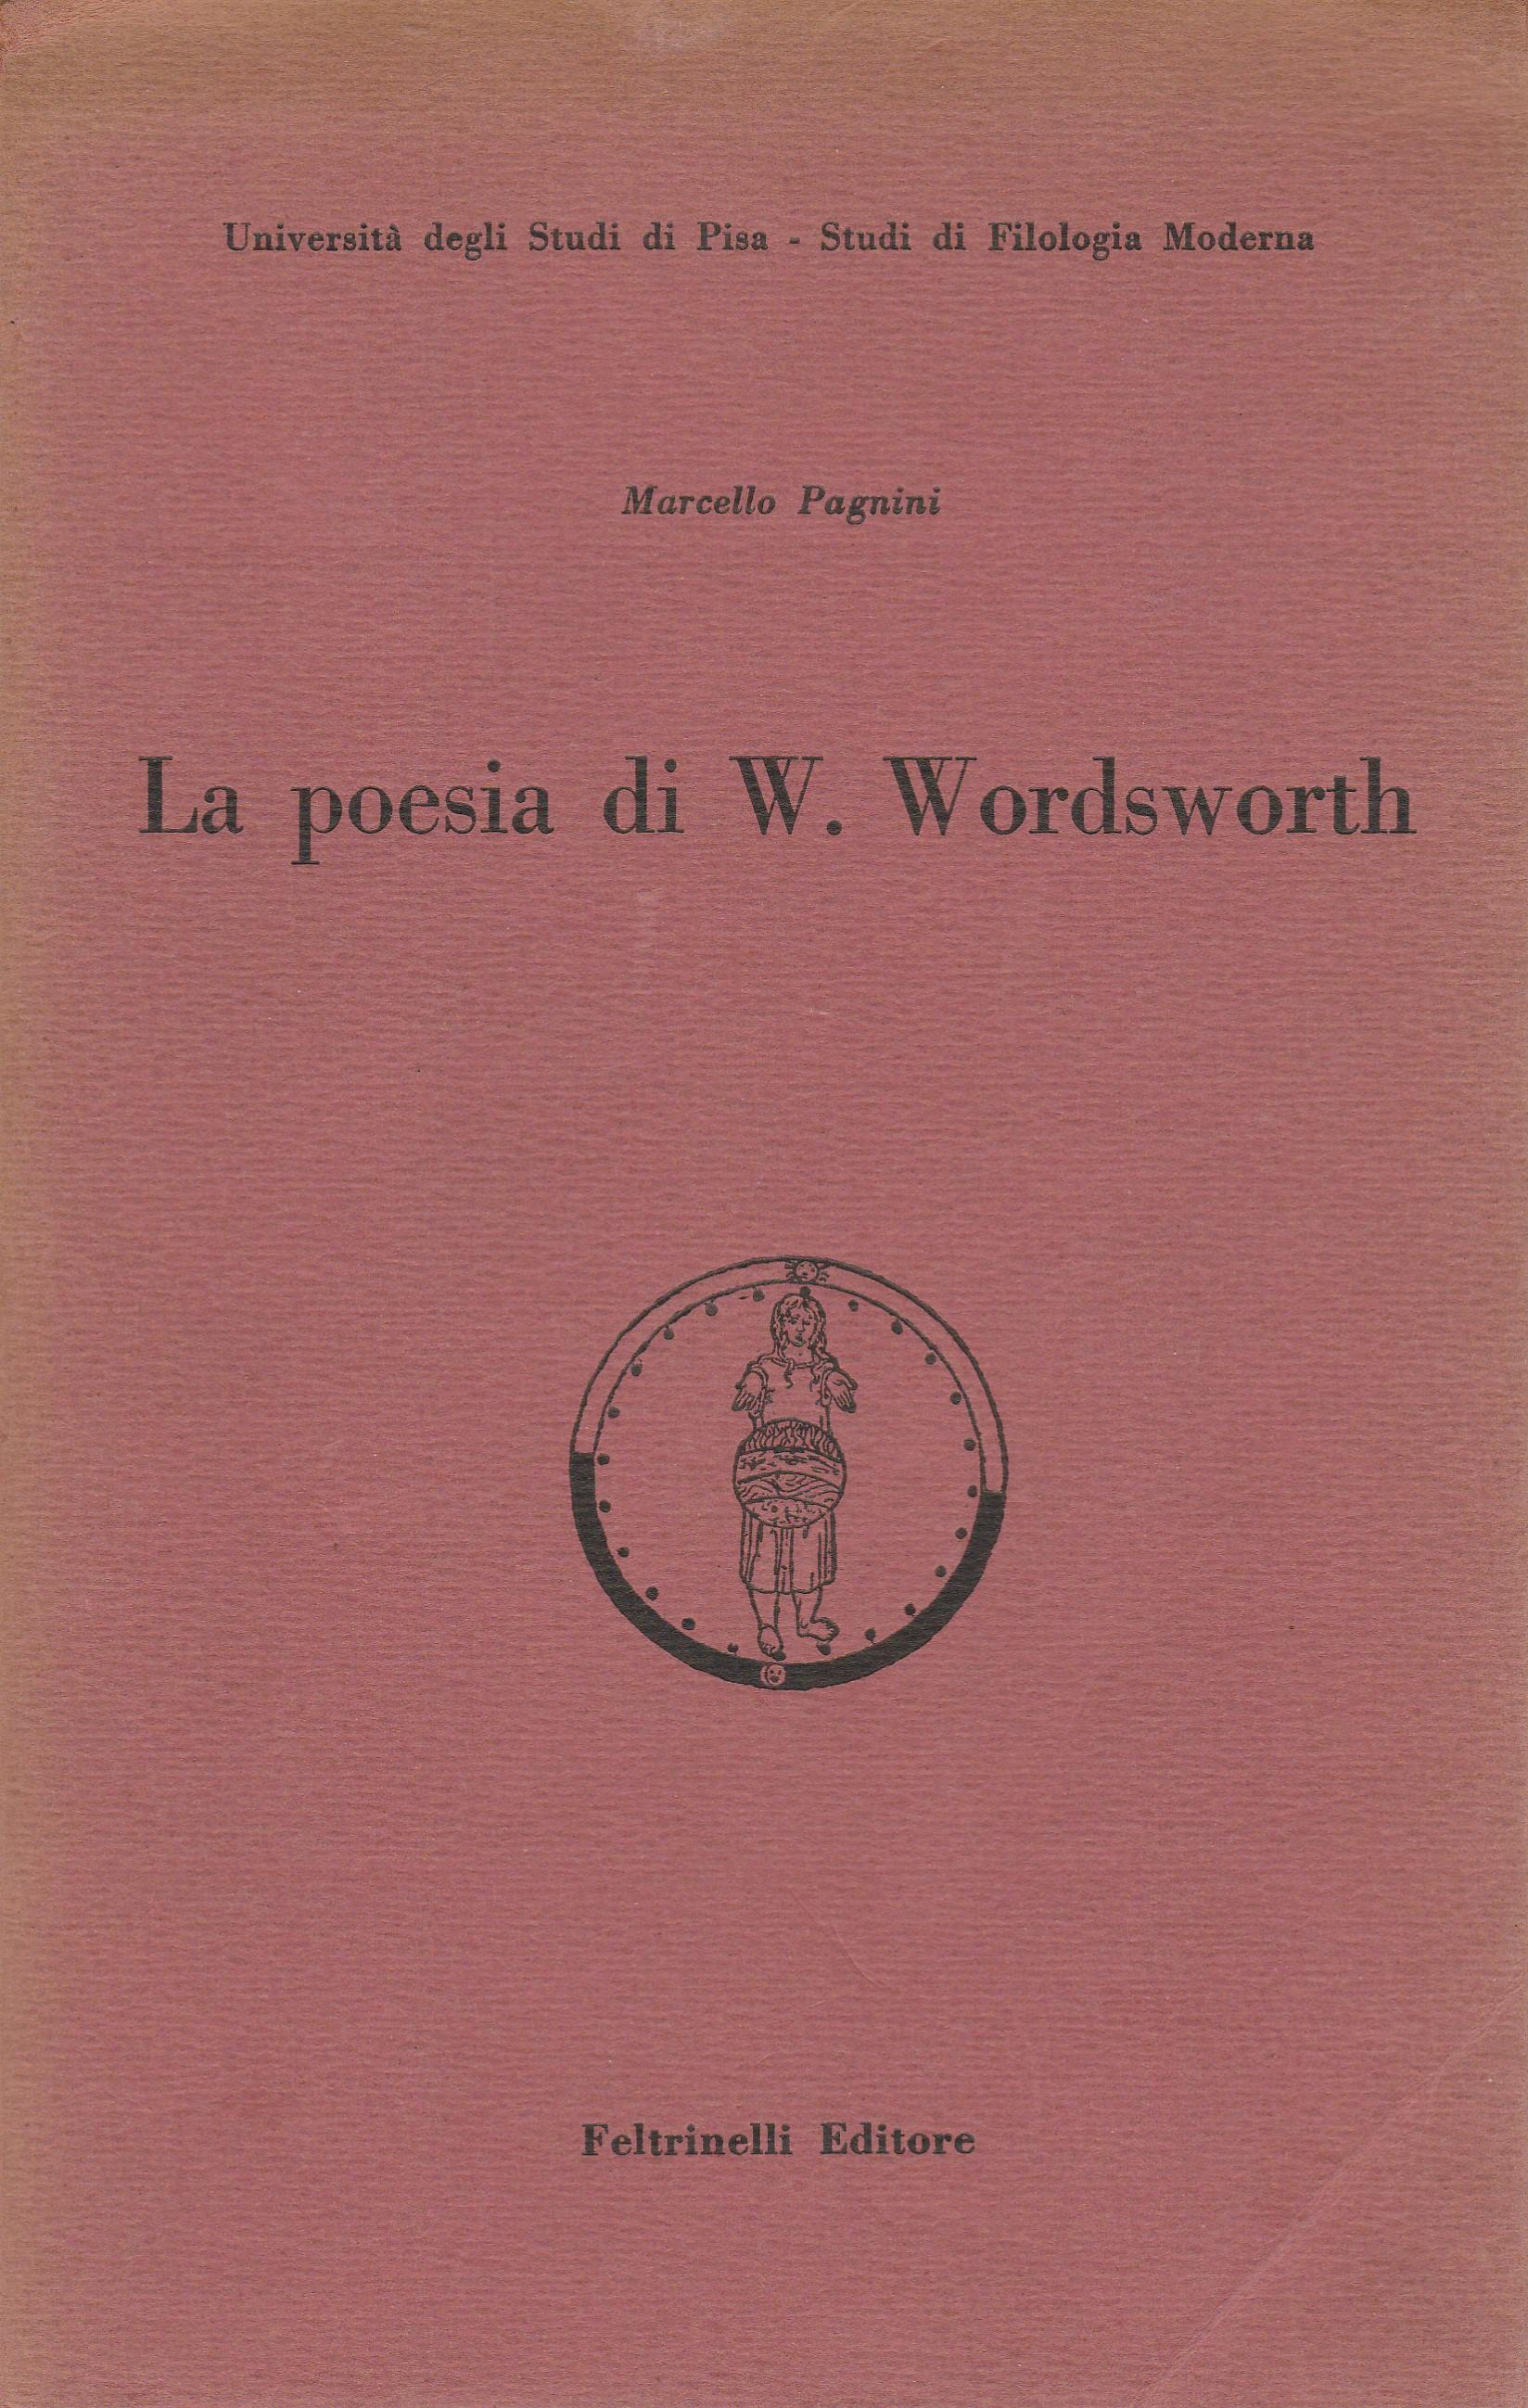 La poesia di W. Wordsworth